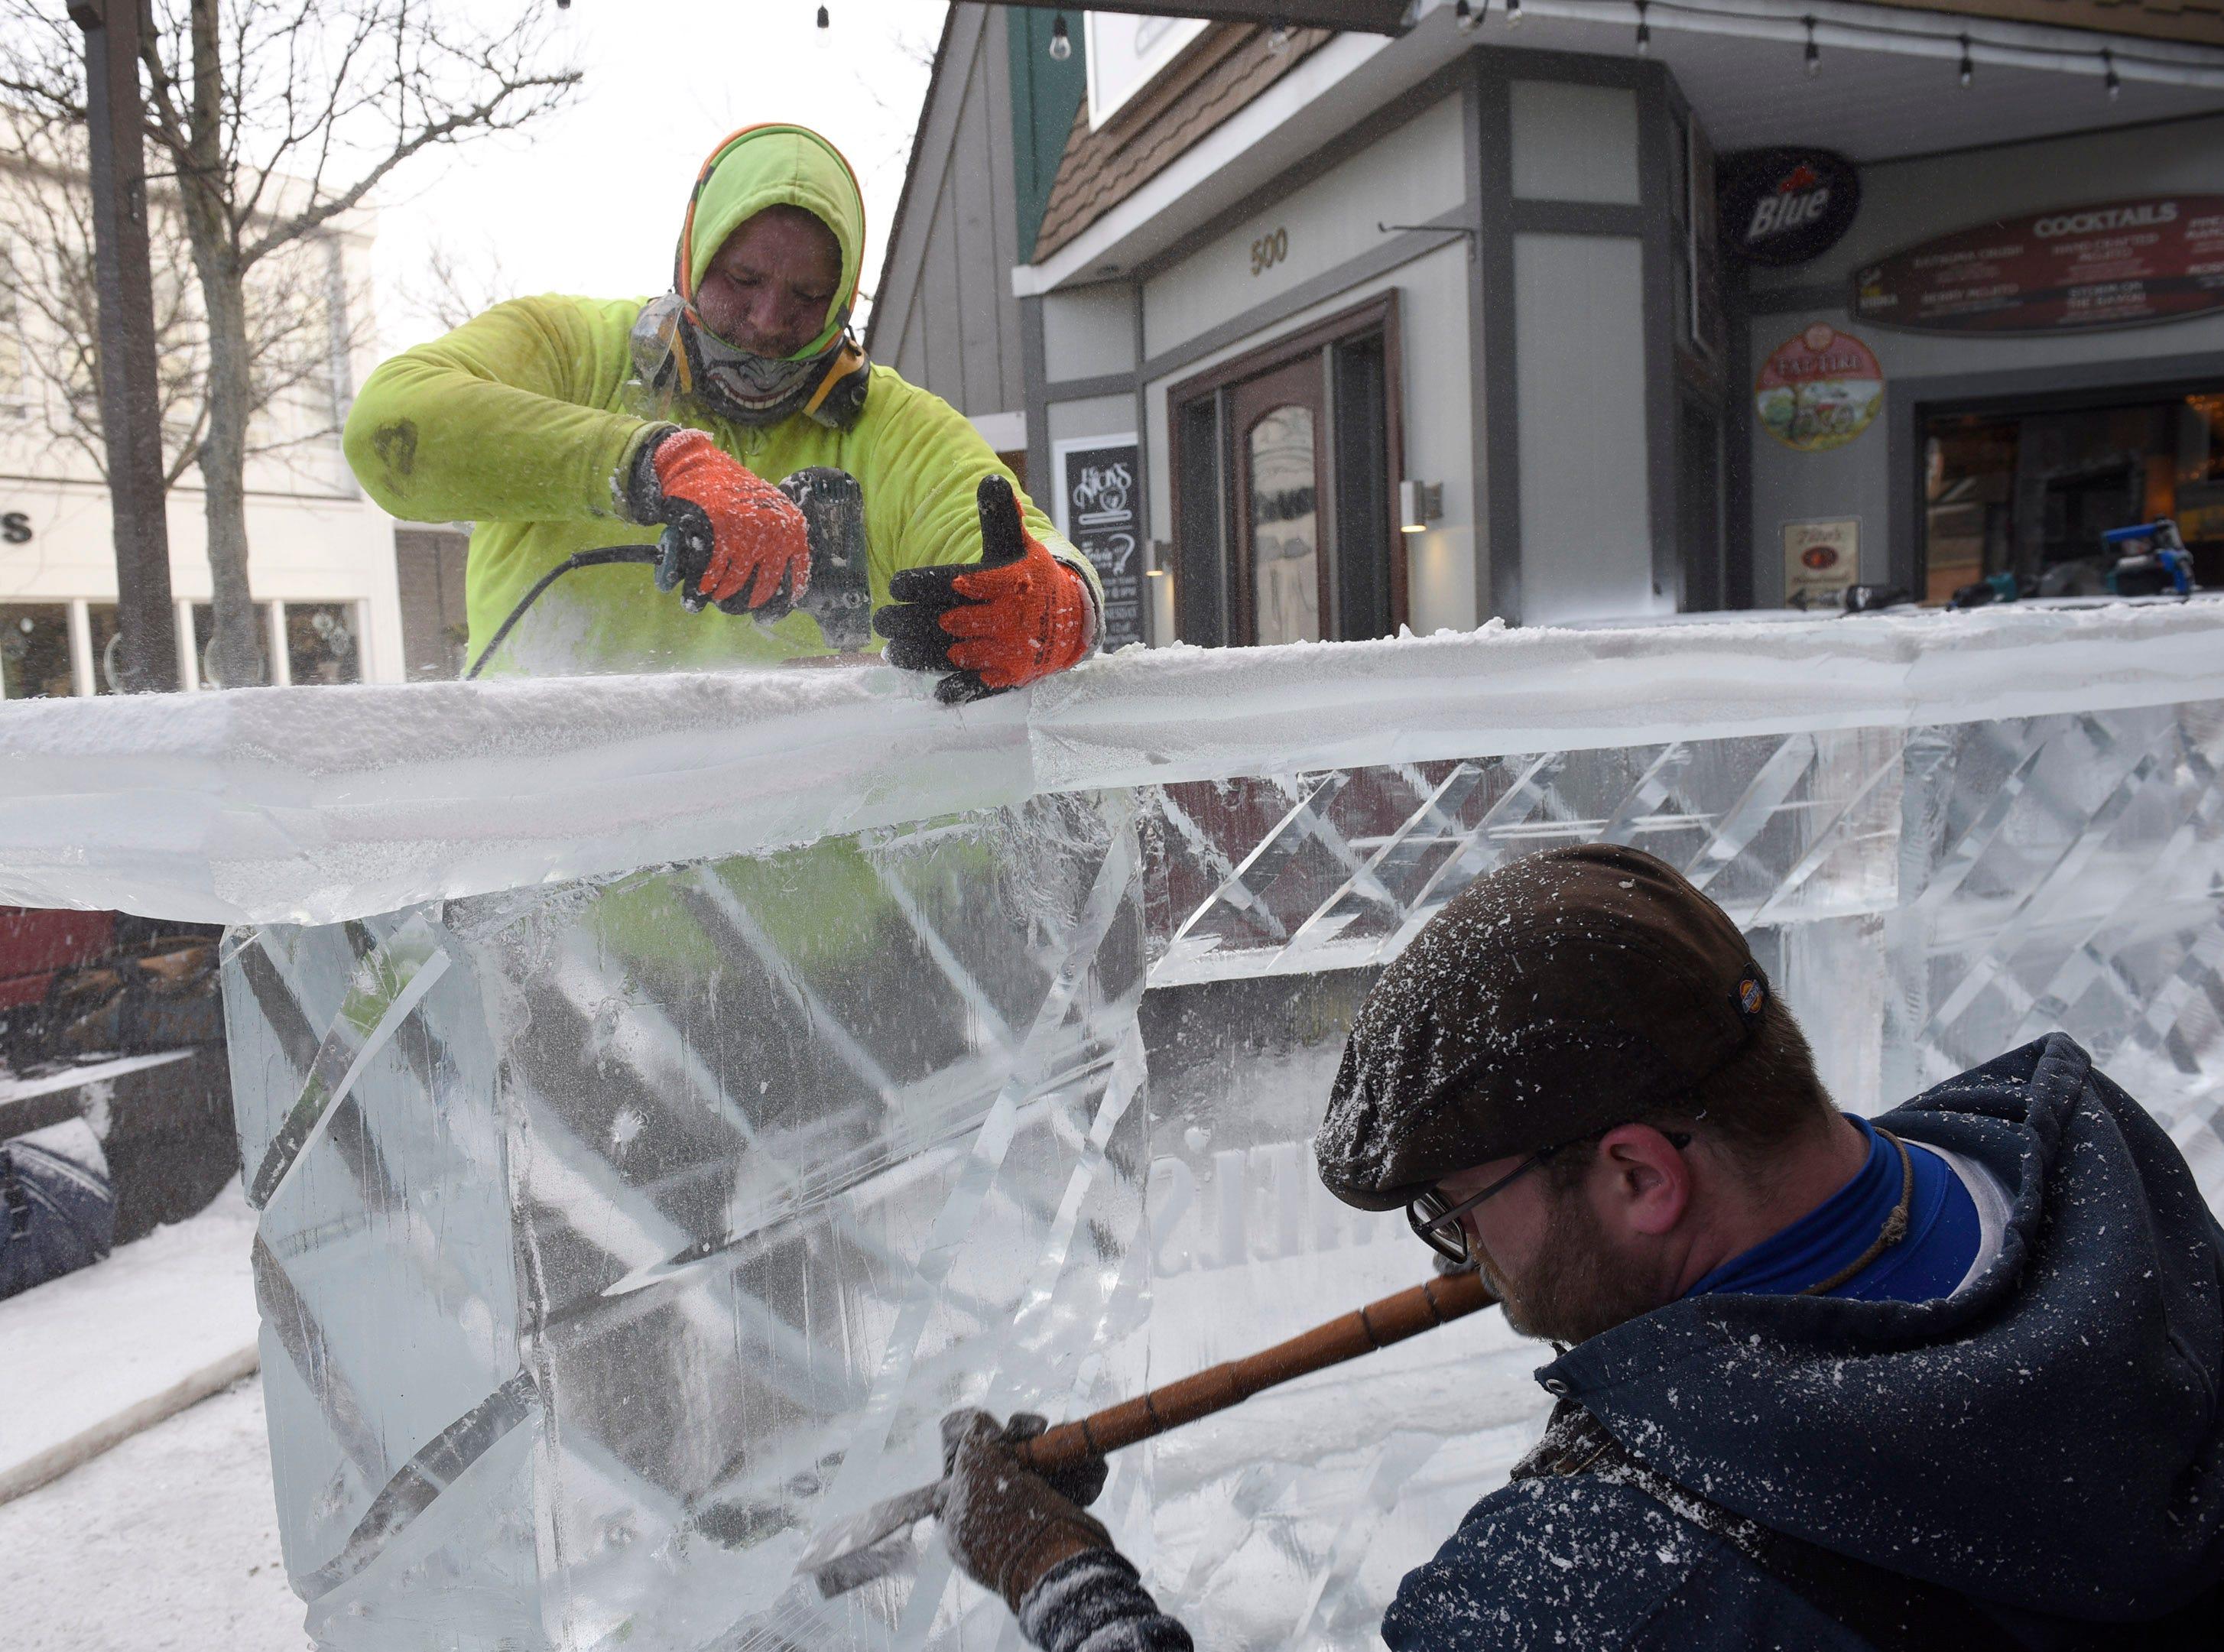 Chris Busuash and Paul Nuznov work on the ice bar at E.G. Nicks.